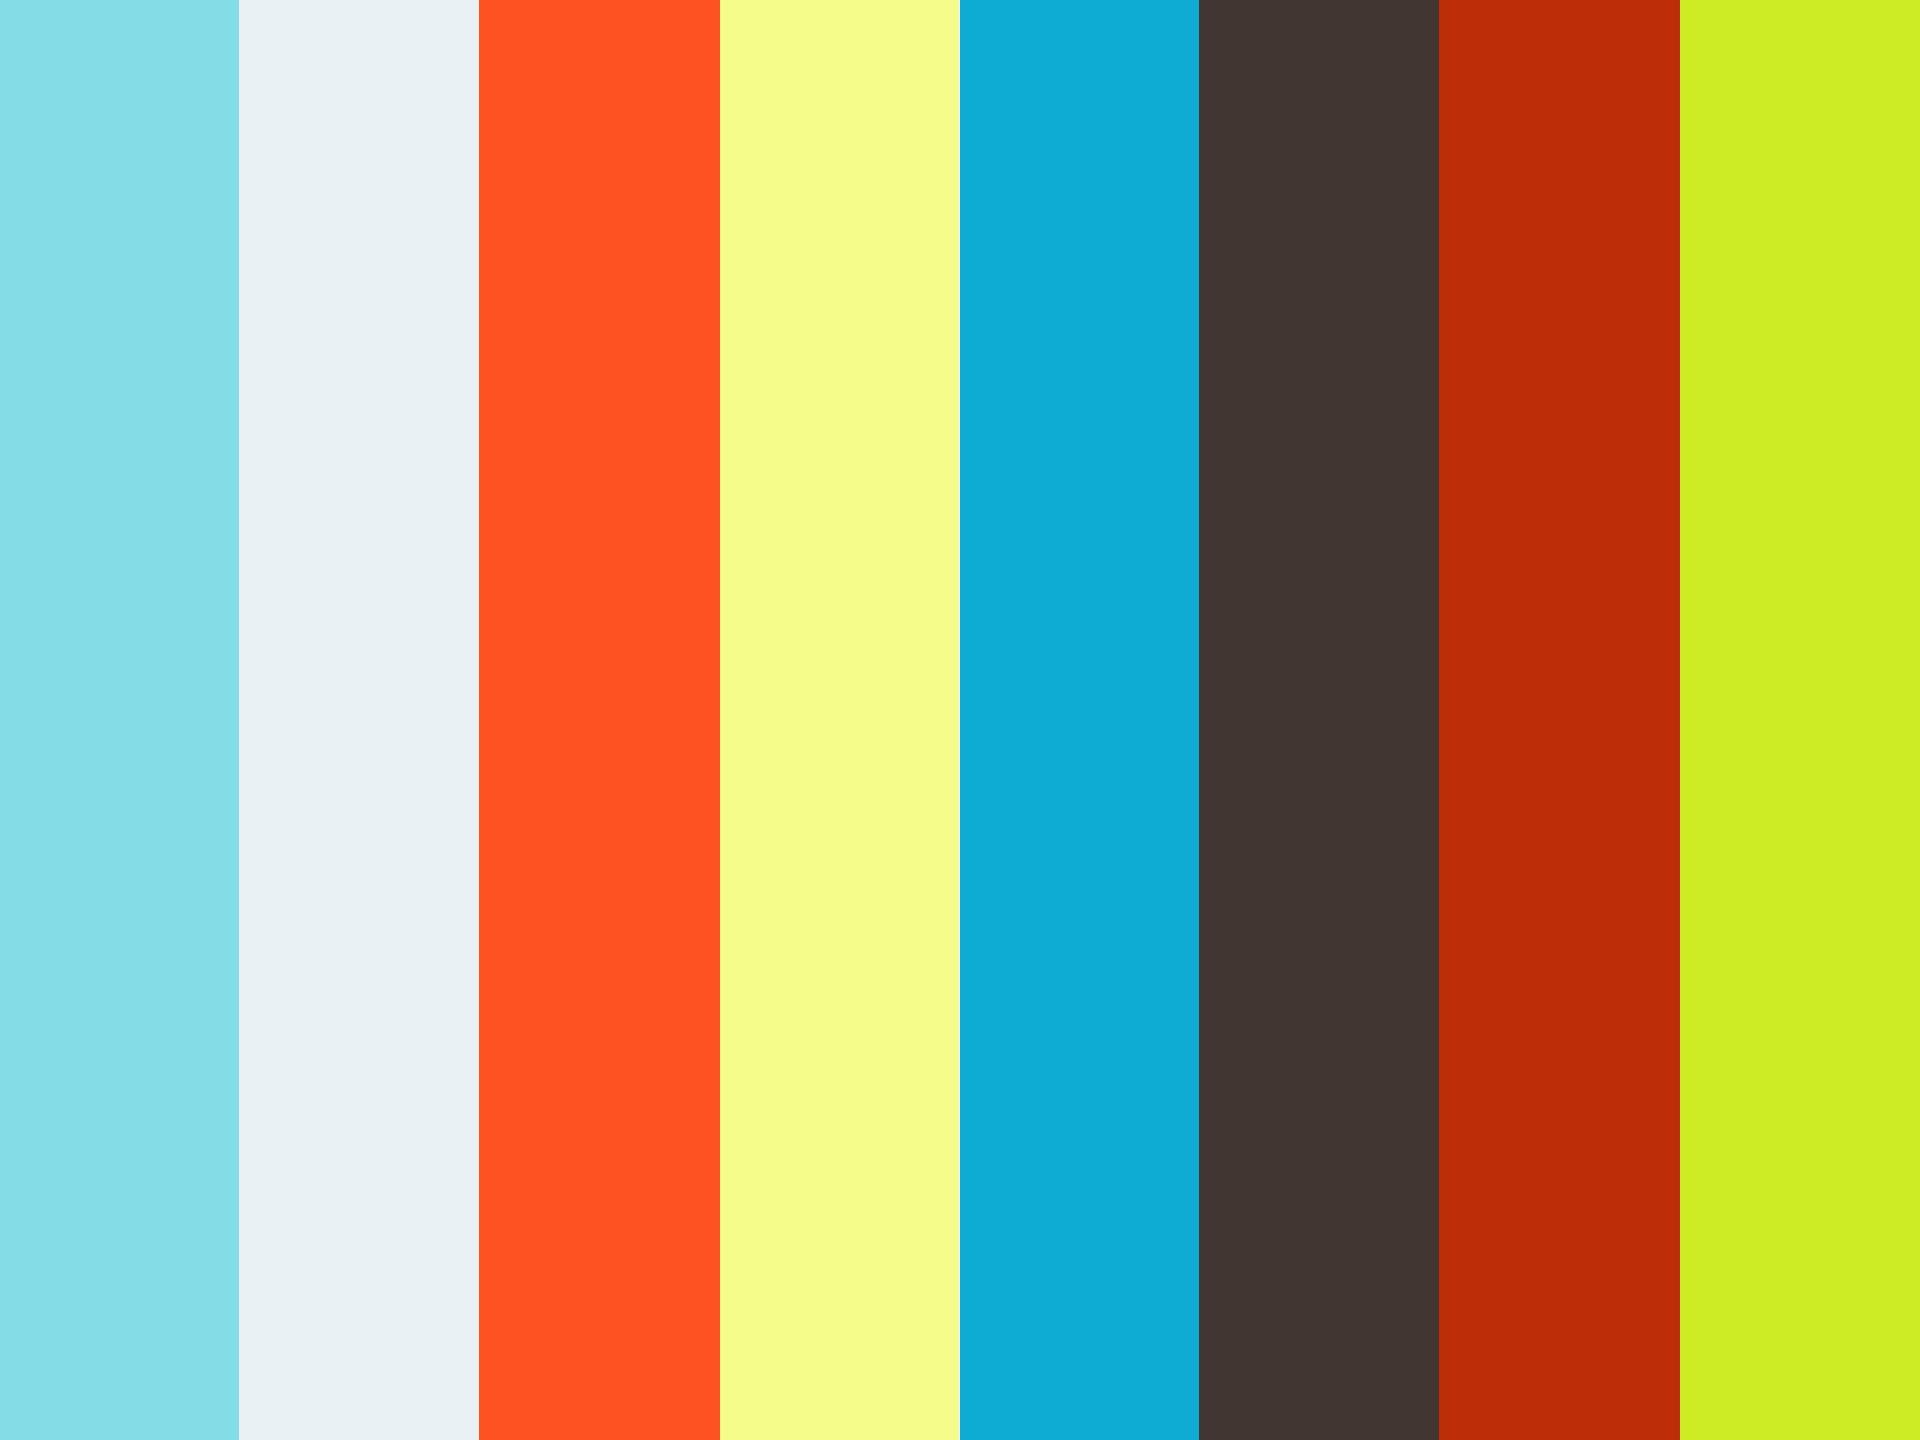 Μένω σπίτι και μαθαίνω | Δημοτική | Αγωγή Ζωής (Οι Αξίες της Ζωής μας)  13/4/20  Επ. 11